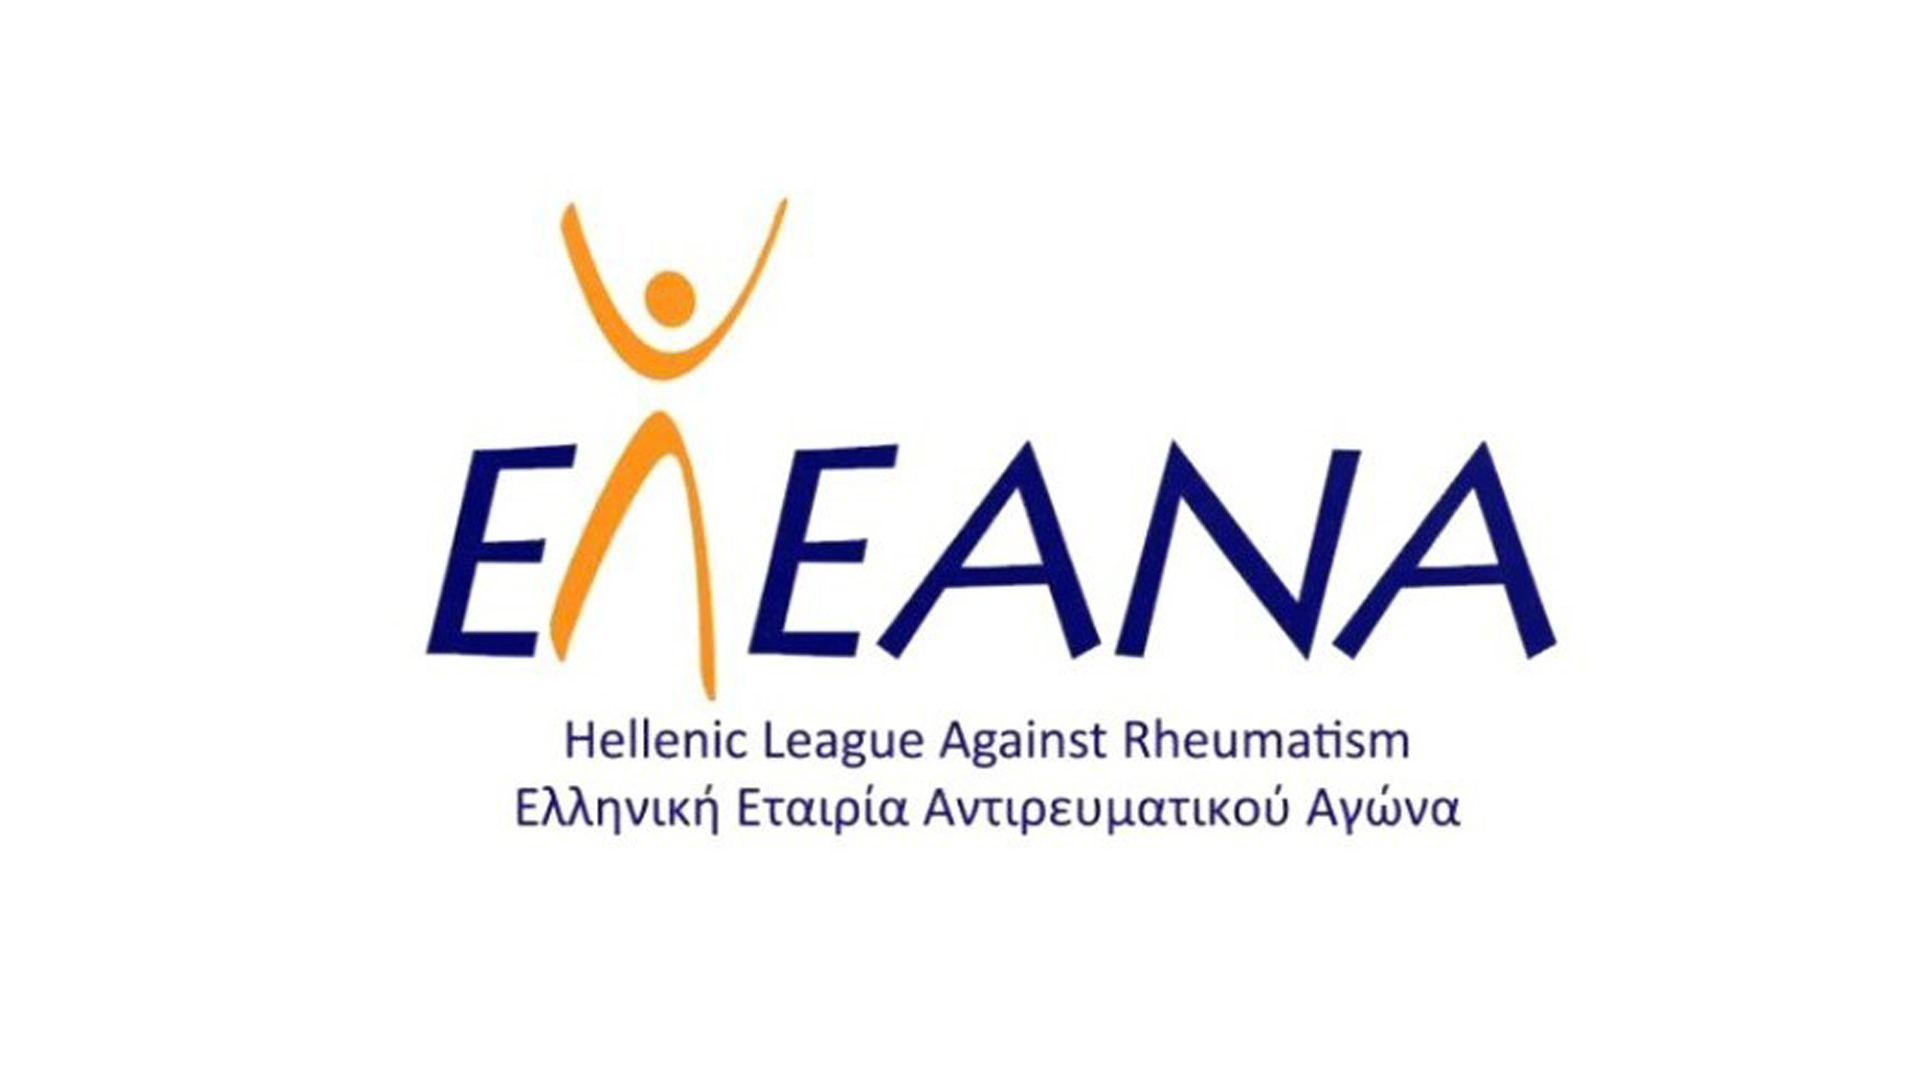 ΕΛ.Ε.ΑΝ.Α: Η Ελληνική Εταιρεία Αντιρευματικού Αγώνα έγινε μέλος της ASIF